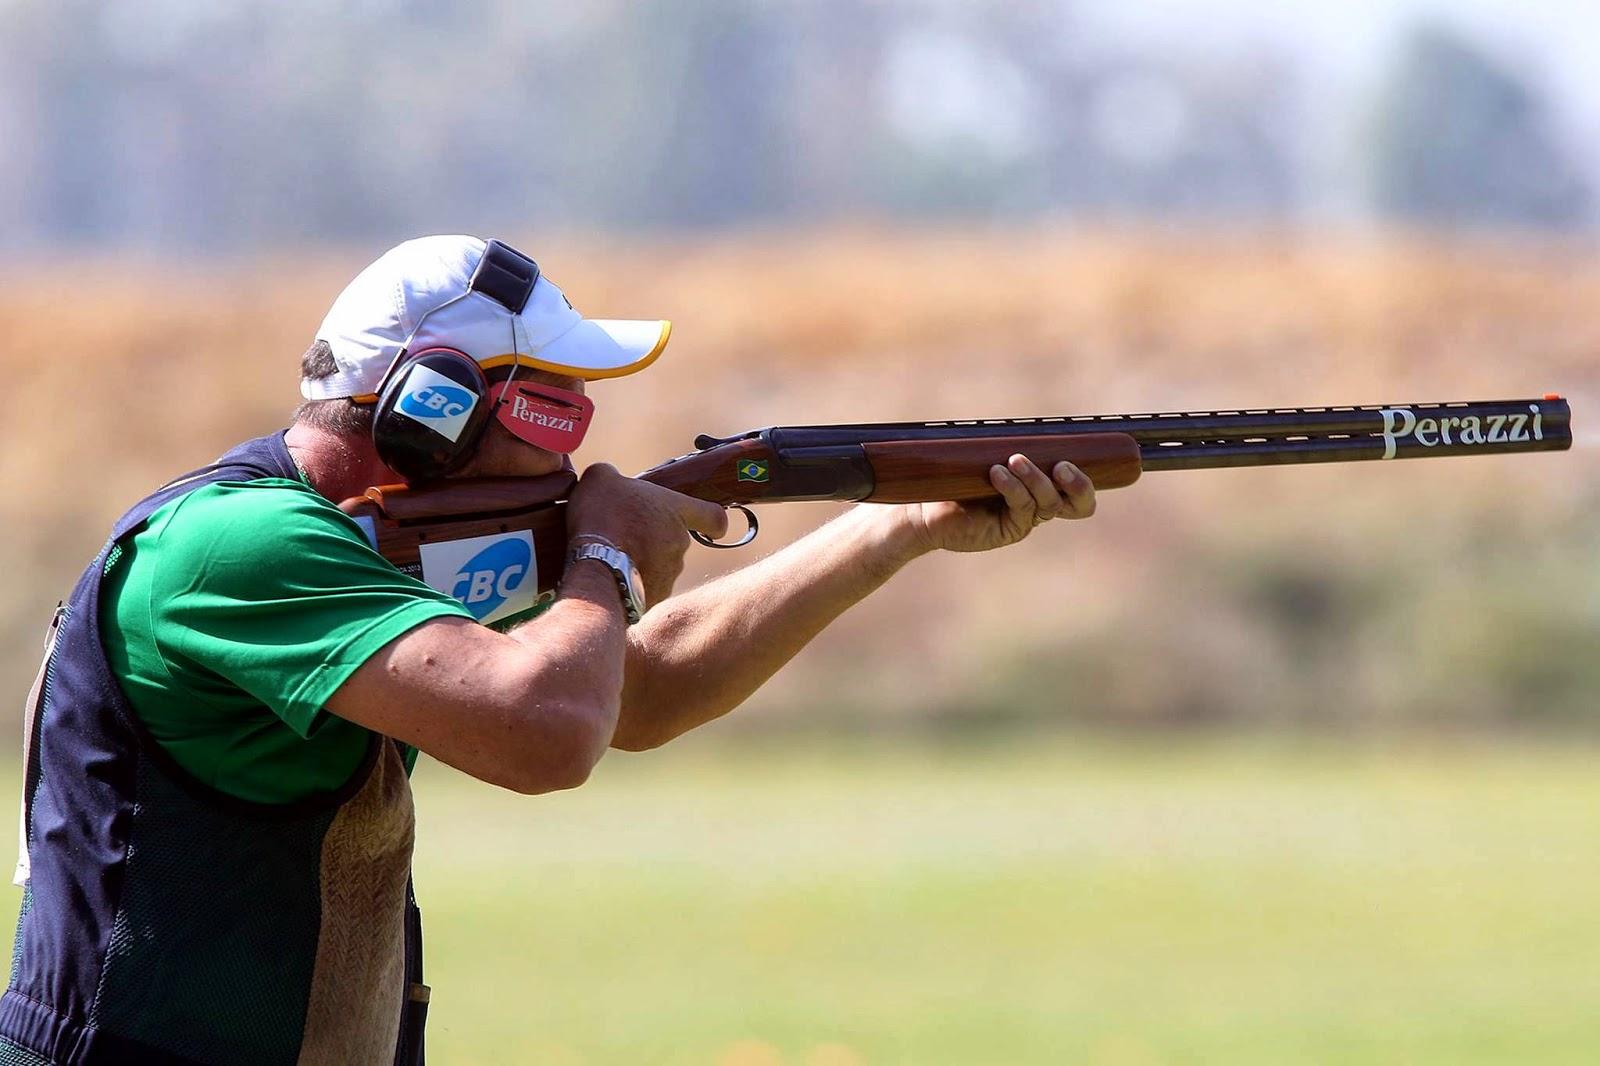 Roberto Schmits conquistou a prata na Fossa Olímpica em Santiago - Foto: Gaspar Nóbrega/Inovafoto/COB